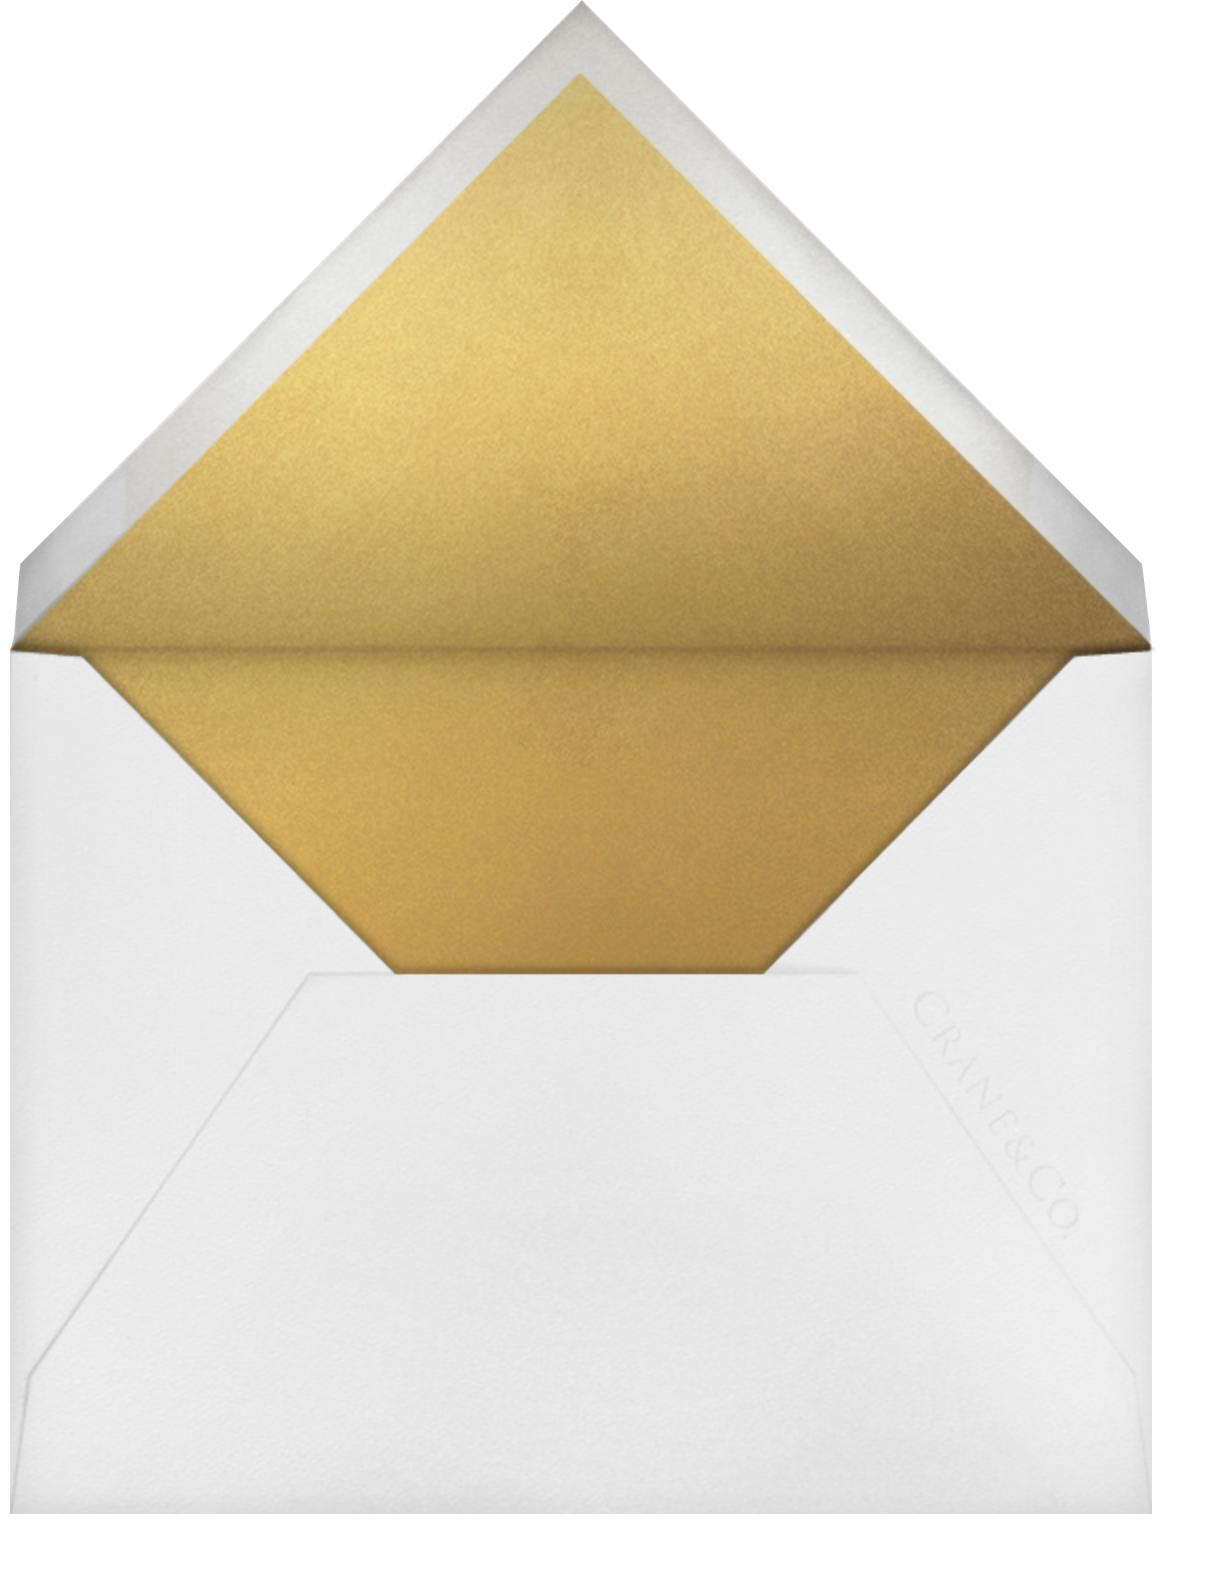 Dyad - Gold - Vera Wang - All - envelope back